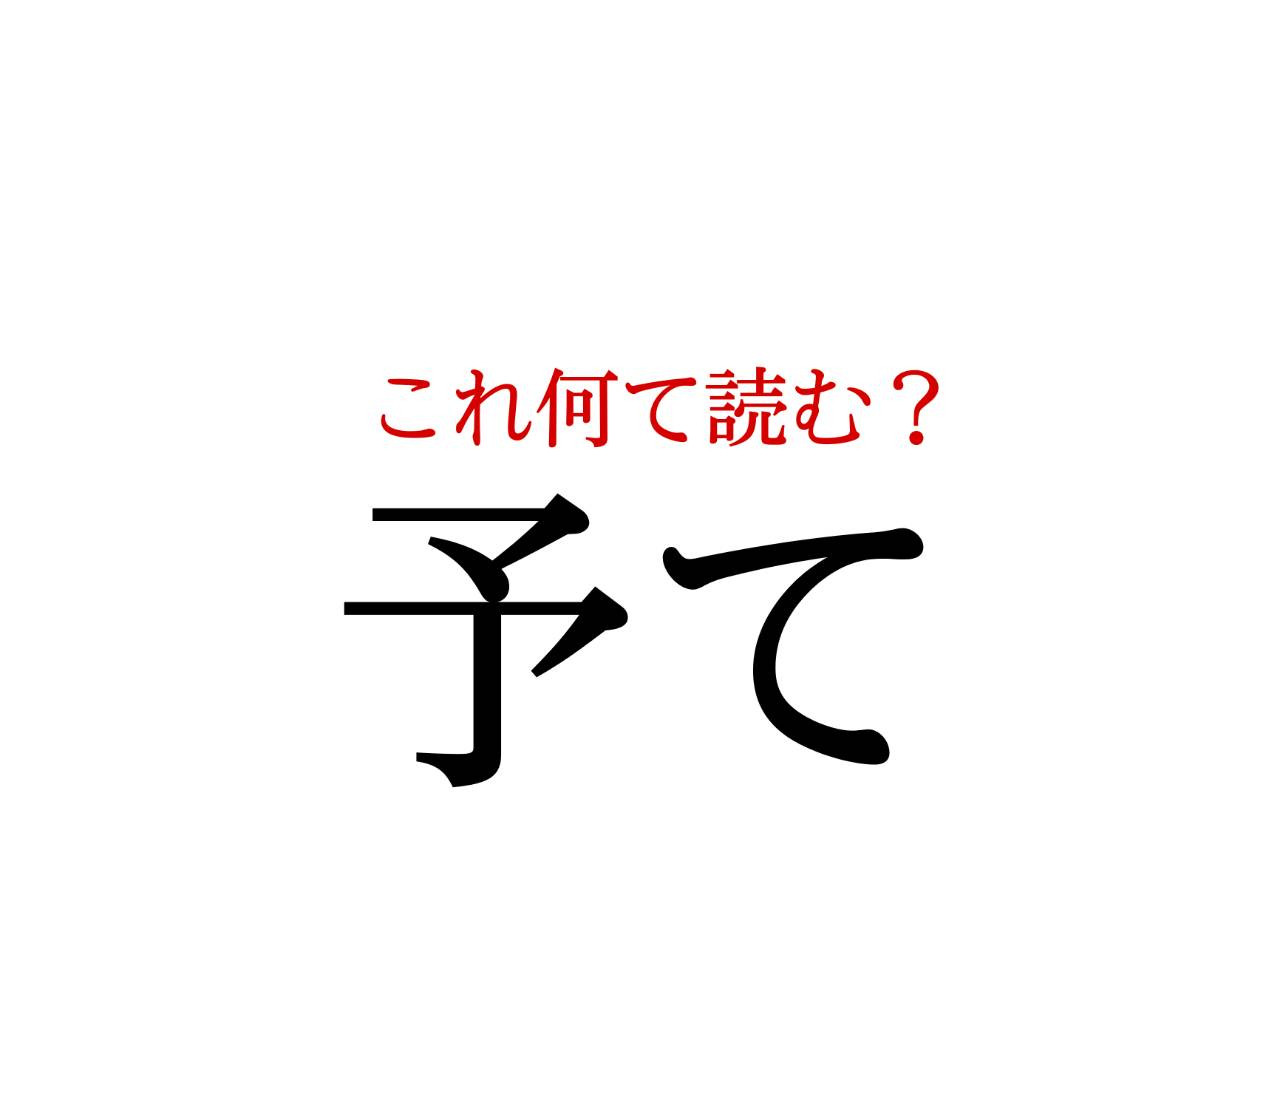 「予て」:この漢字、自信を持って読めますか?【働く大人の漢字クイズvol.222】